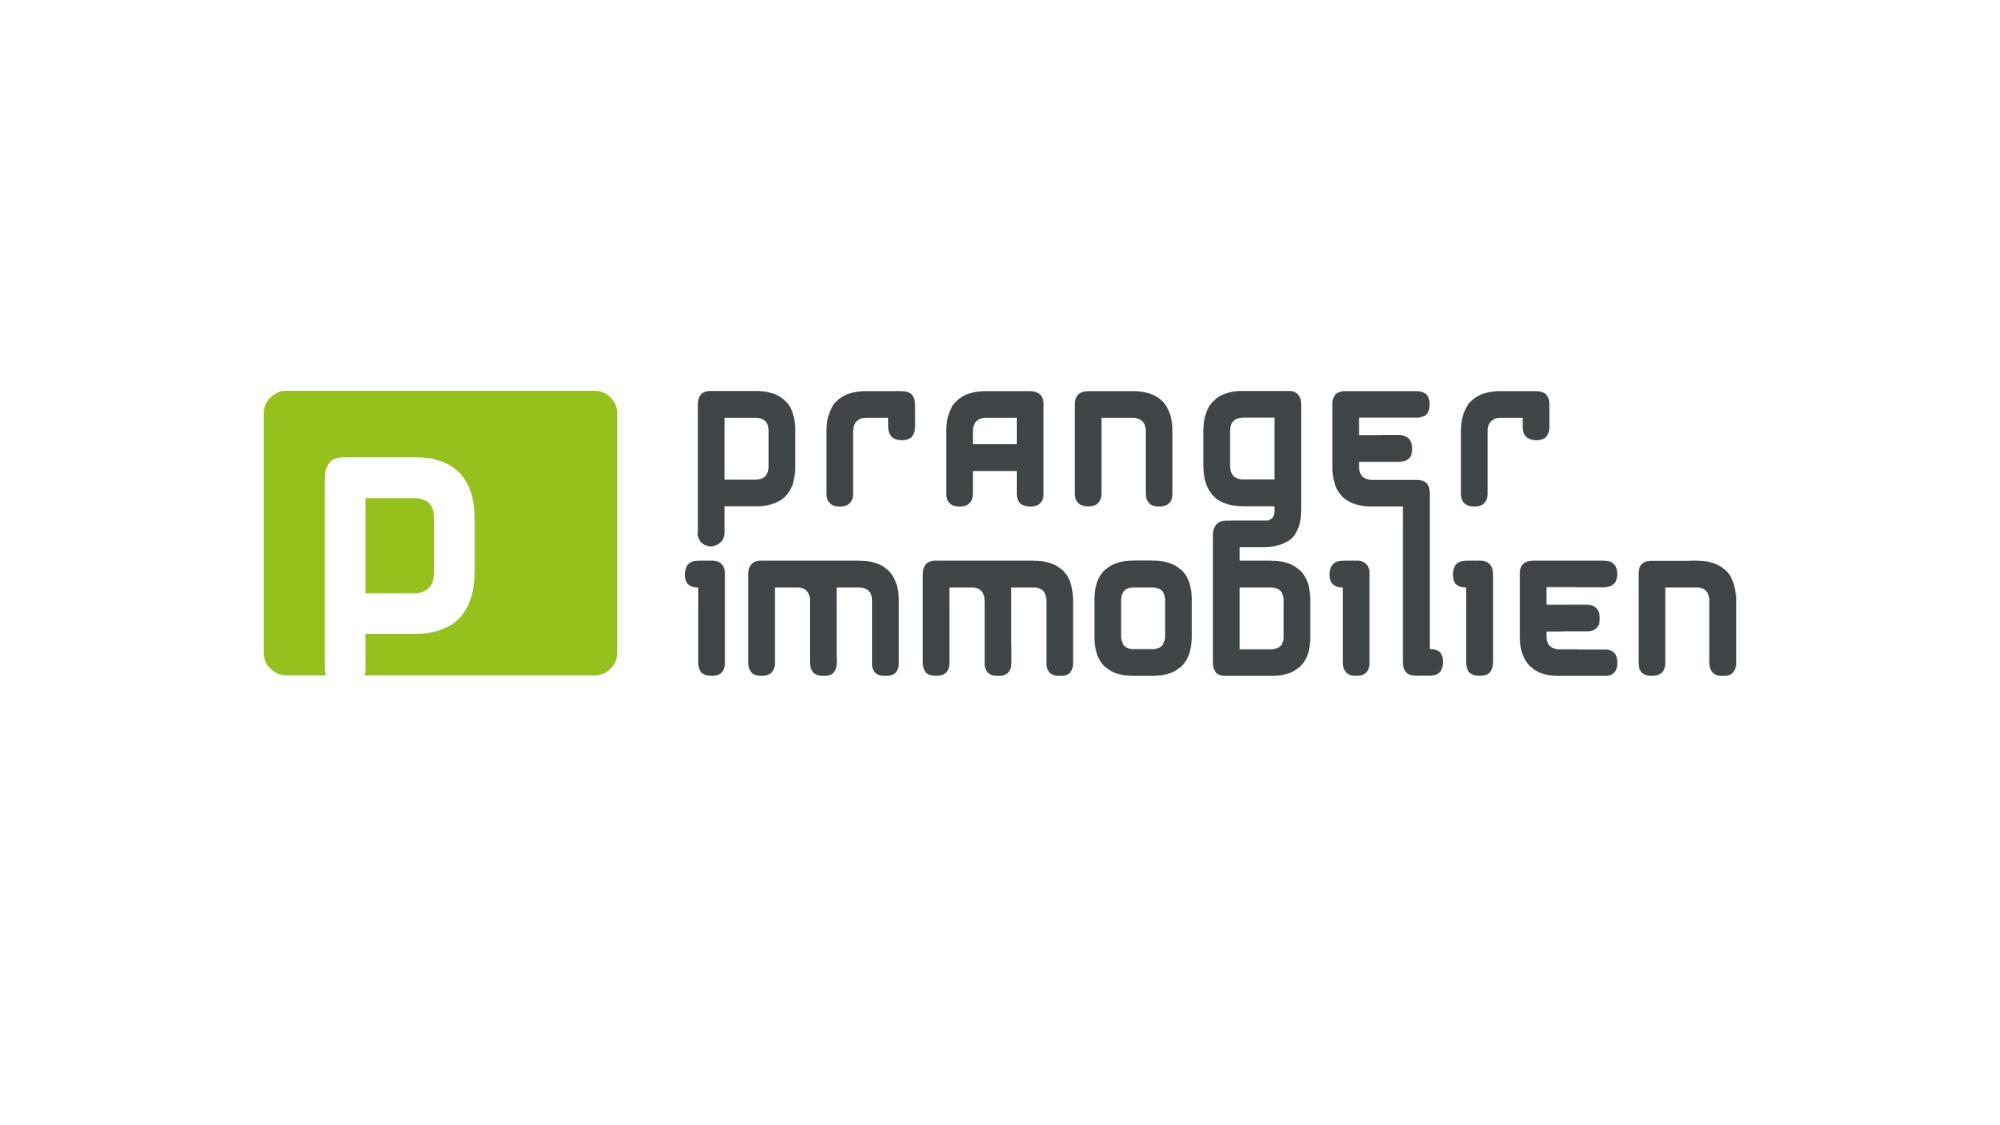 PrangerImmobilien_Branding_Logo_1